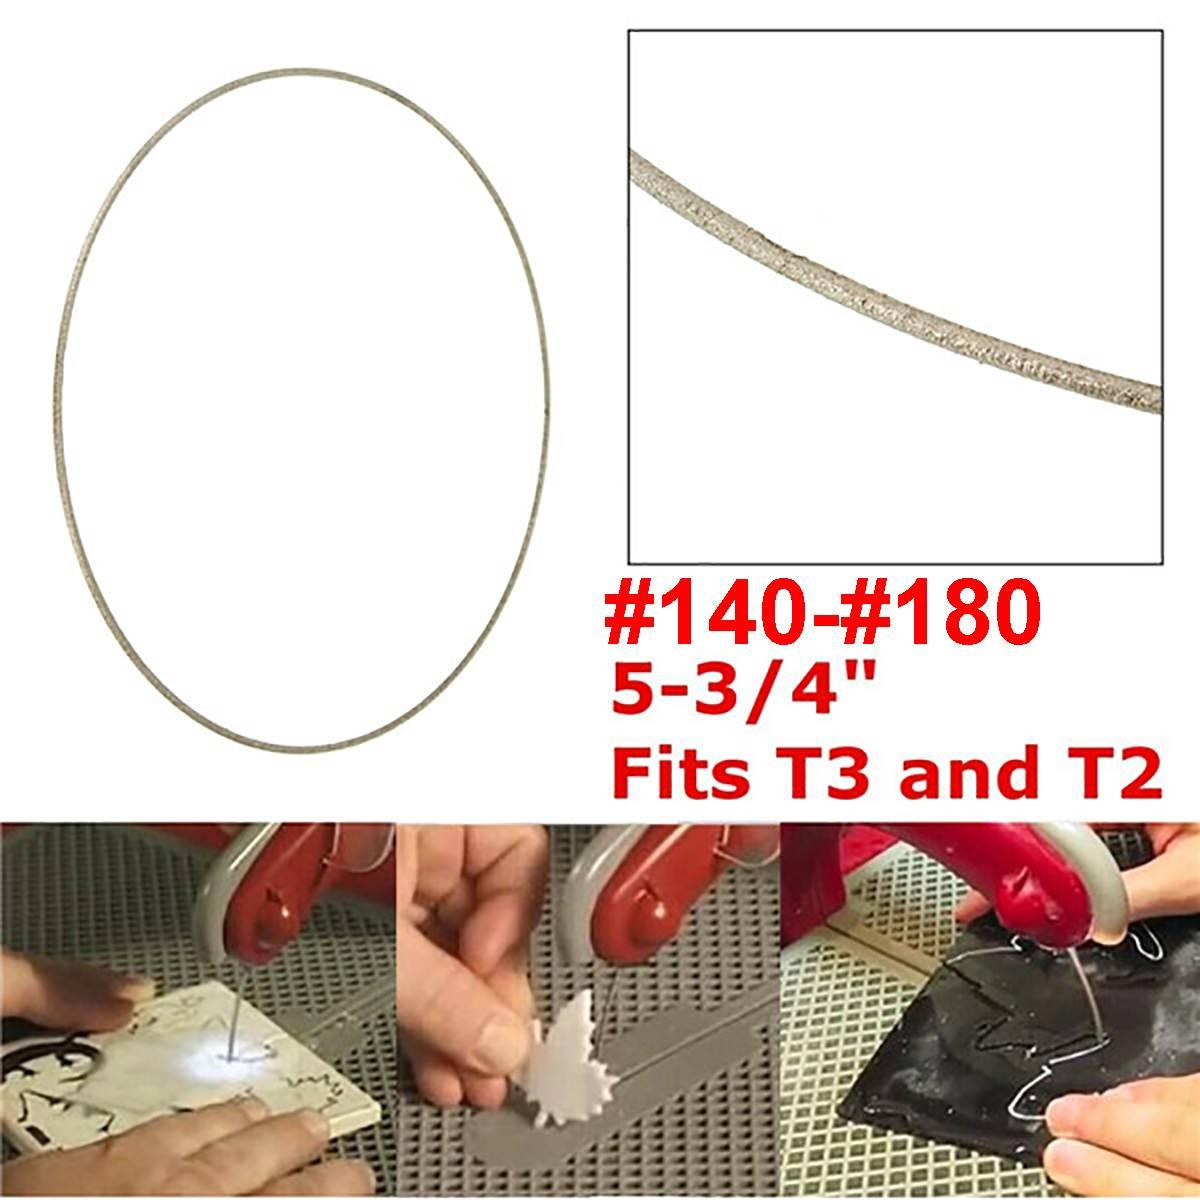 Hojas de sierra de diamante Alambre de corte para esmeril Jade Metal piedra vidrio roca herramienta de corte de granito para Taurus/CRL/New Apollo